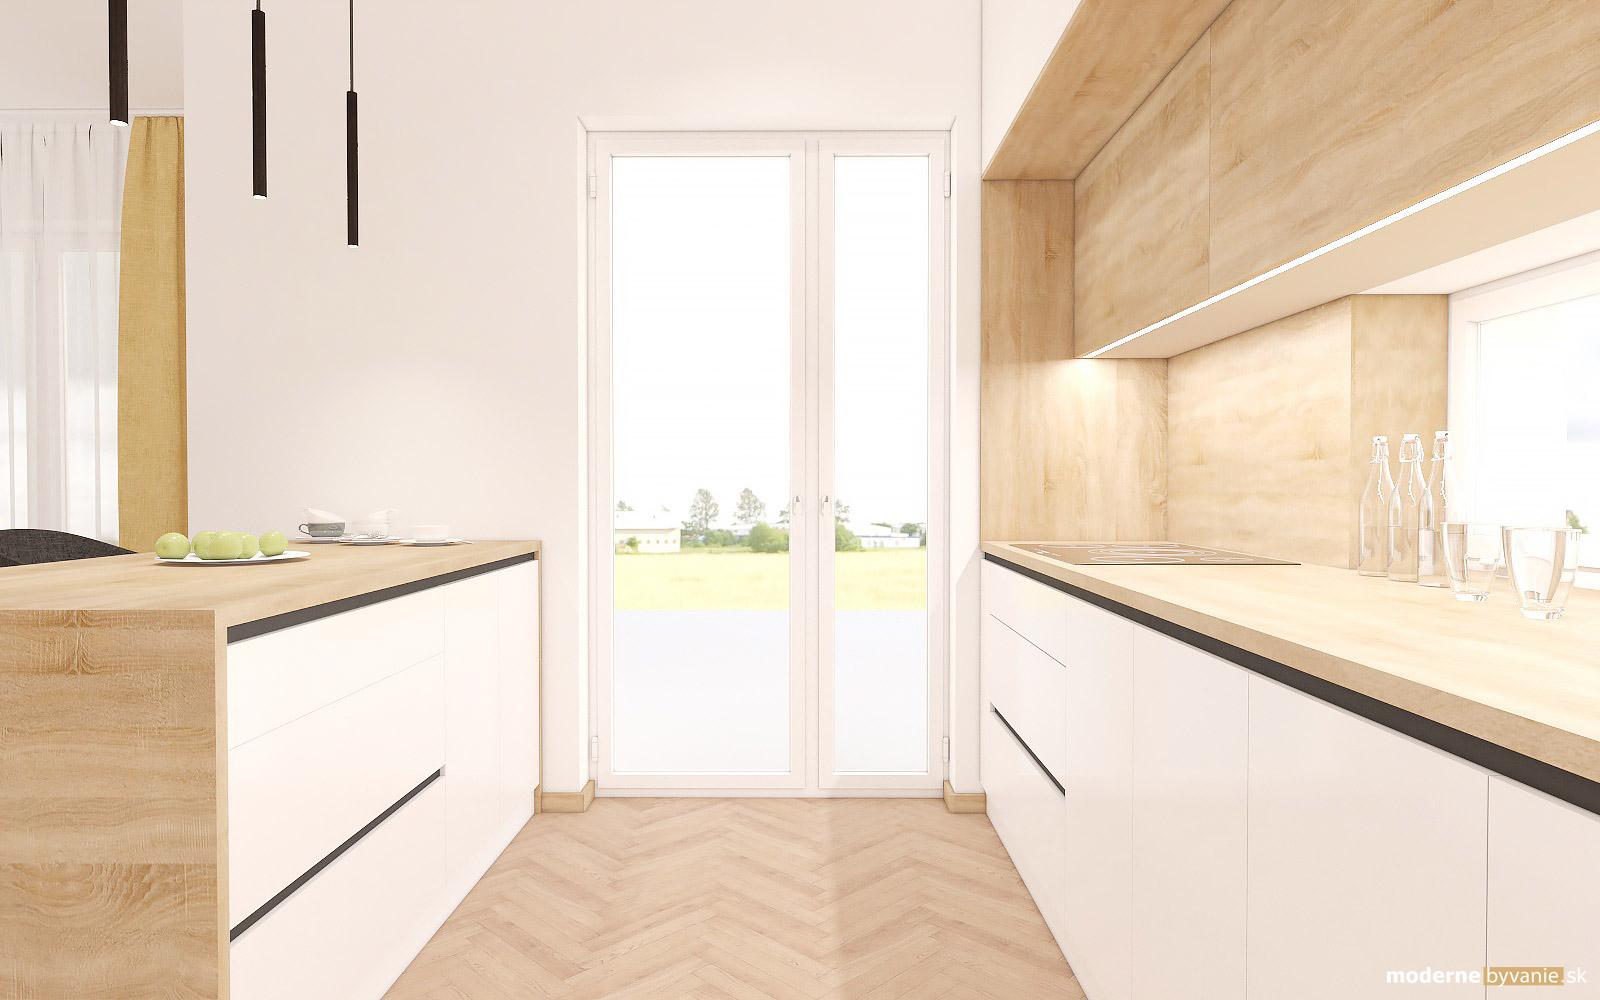 Návrh interiéru-Kuchyňa-Návrh interiéru domu v Cíferi